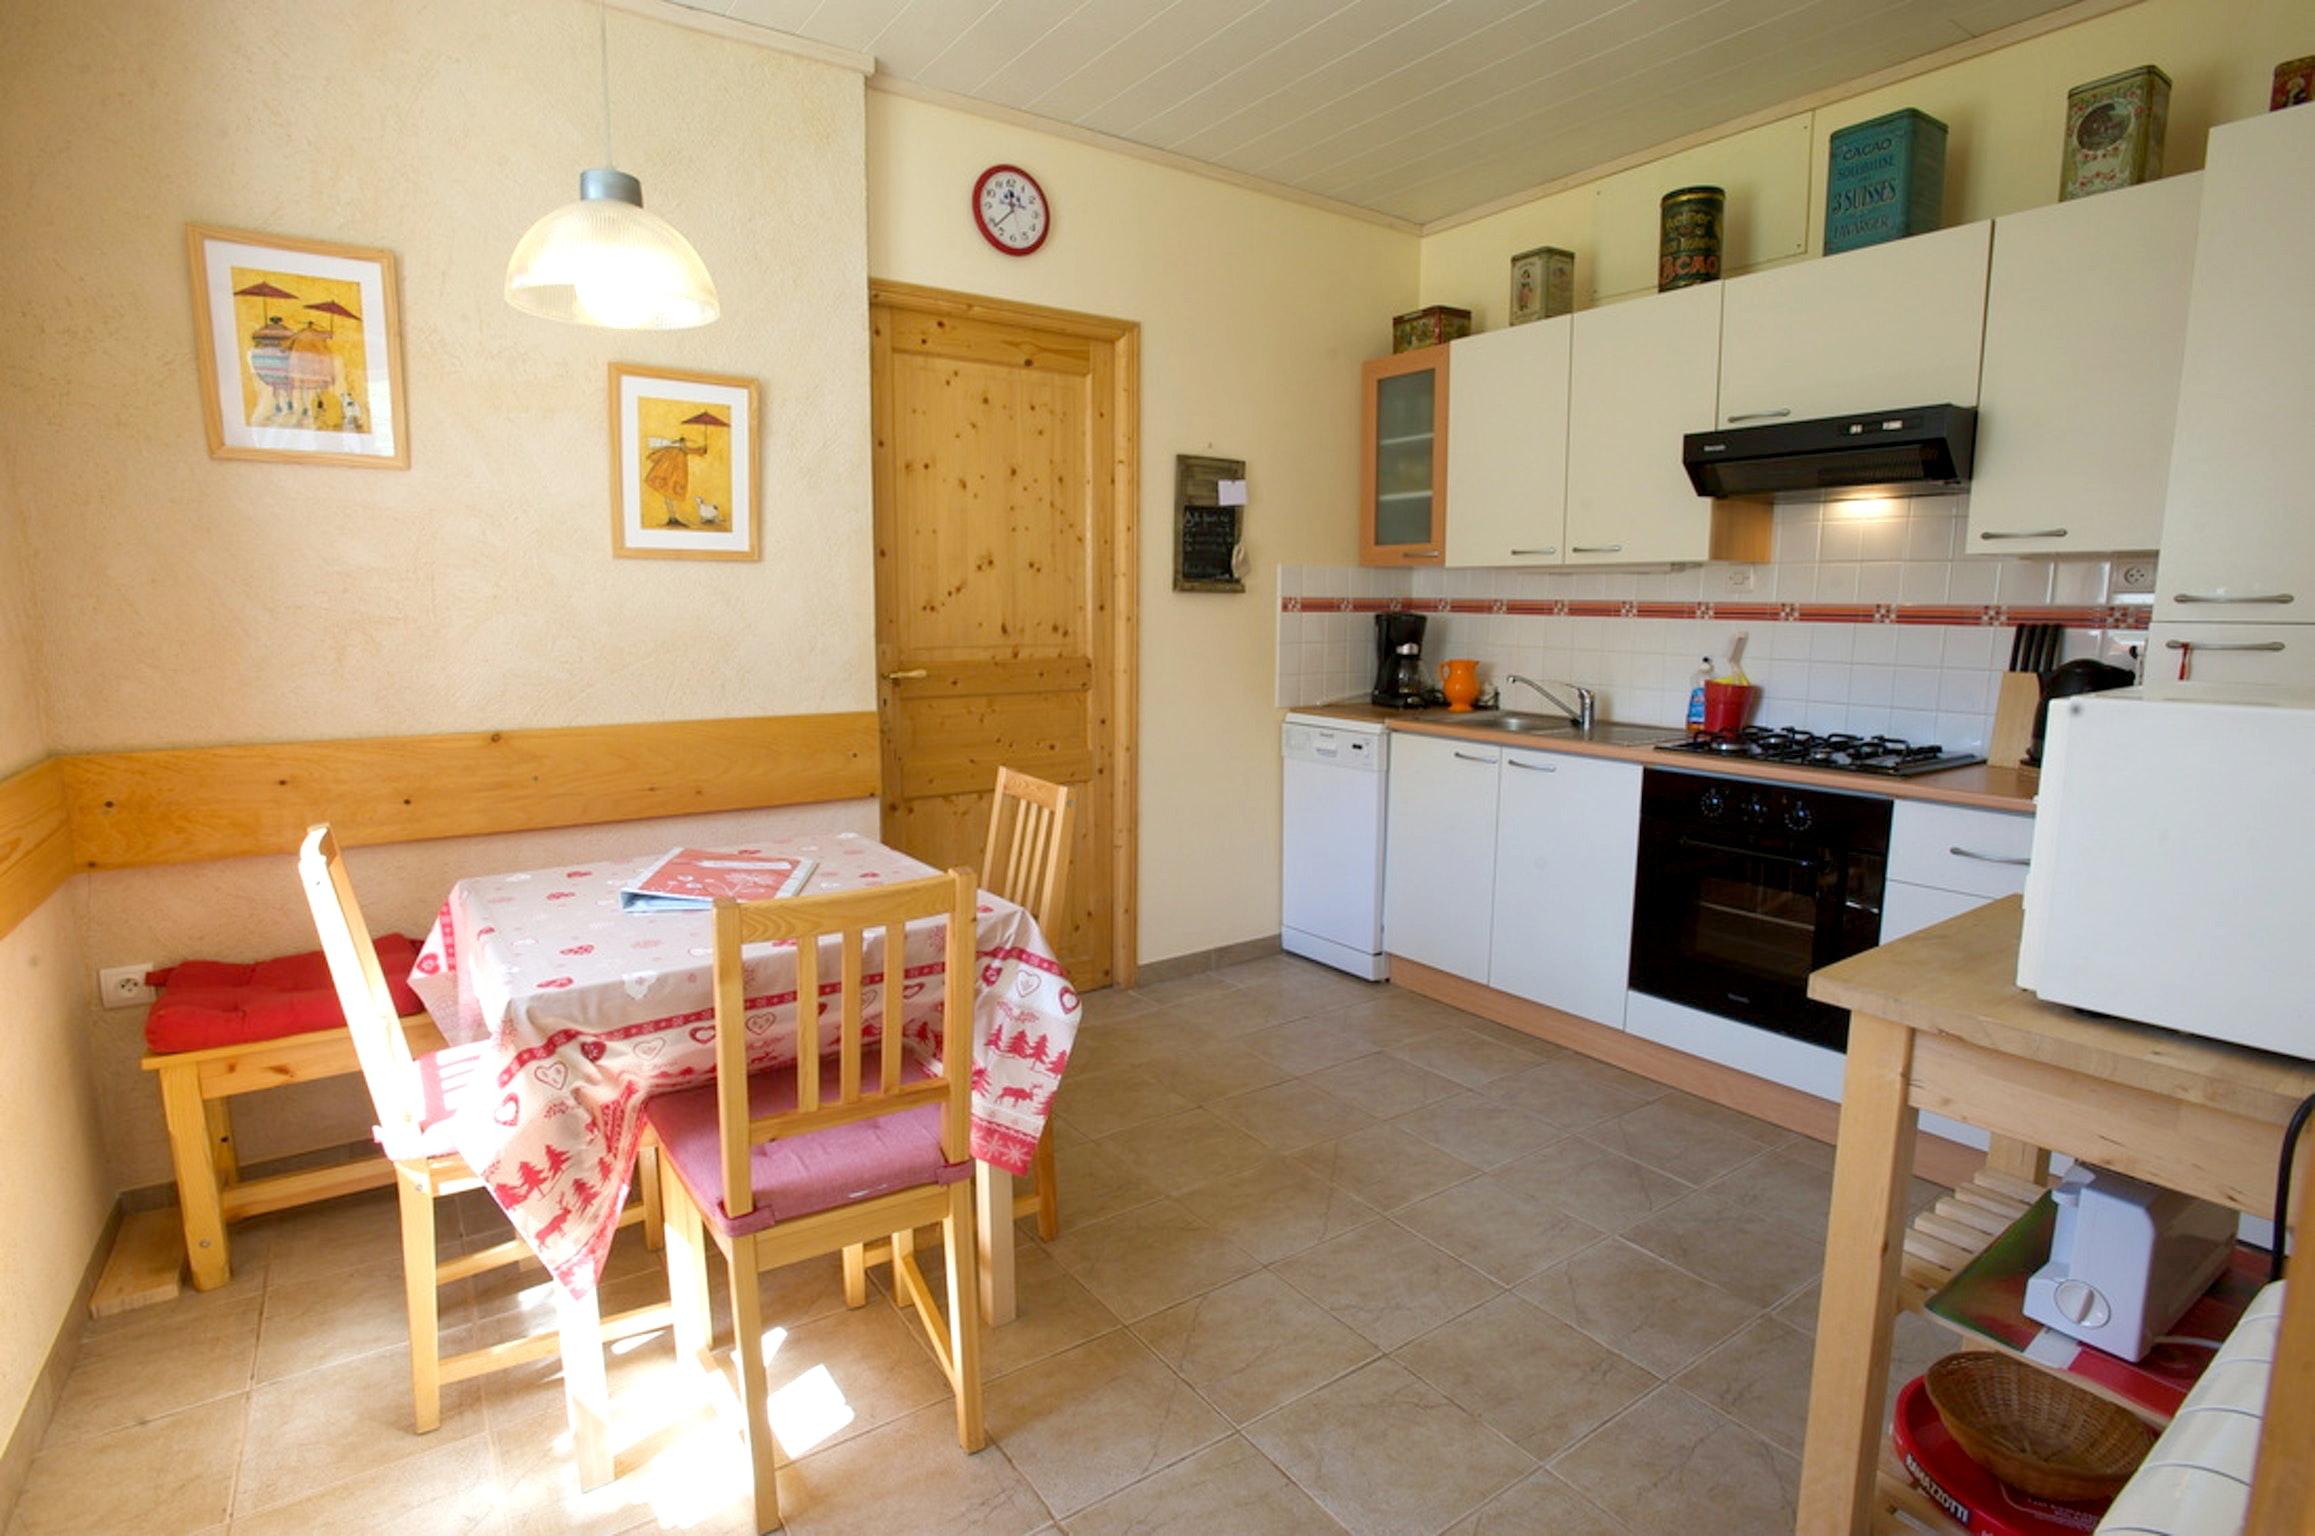 Maison de vacances Haus mit 2 Schlafzimmern in Villard-Saint-Sauveur mit toller Aussicht auf die Berge und ei (2704040), Villard sur Bienne, Jura, Franche-Comté, France, image 17